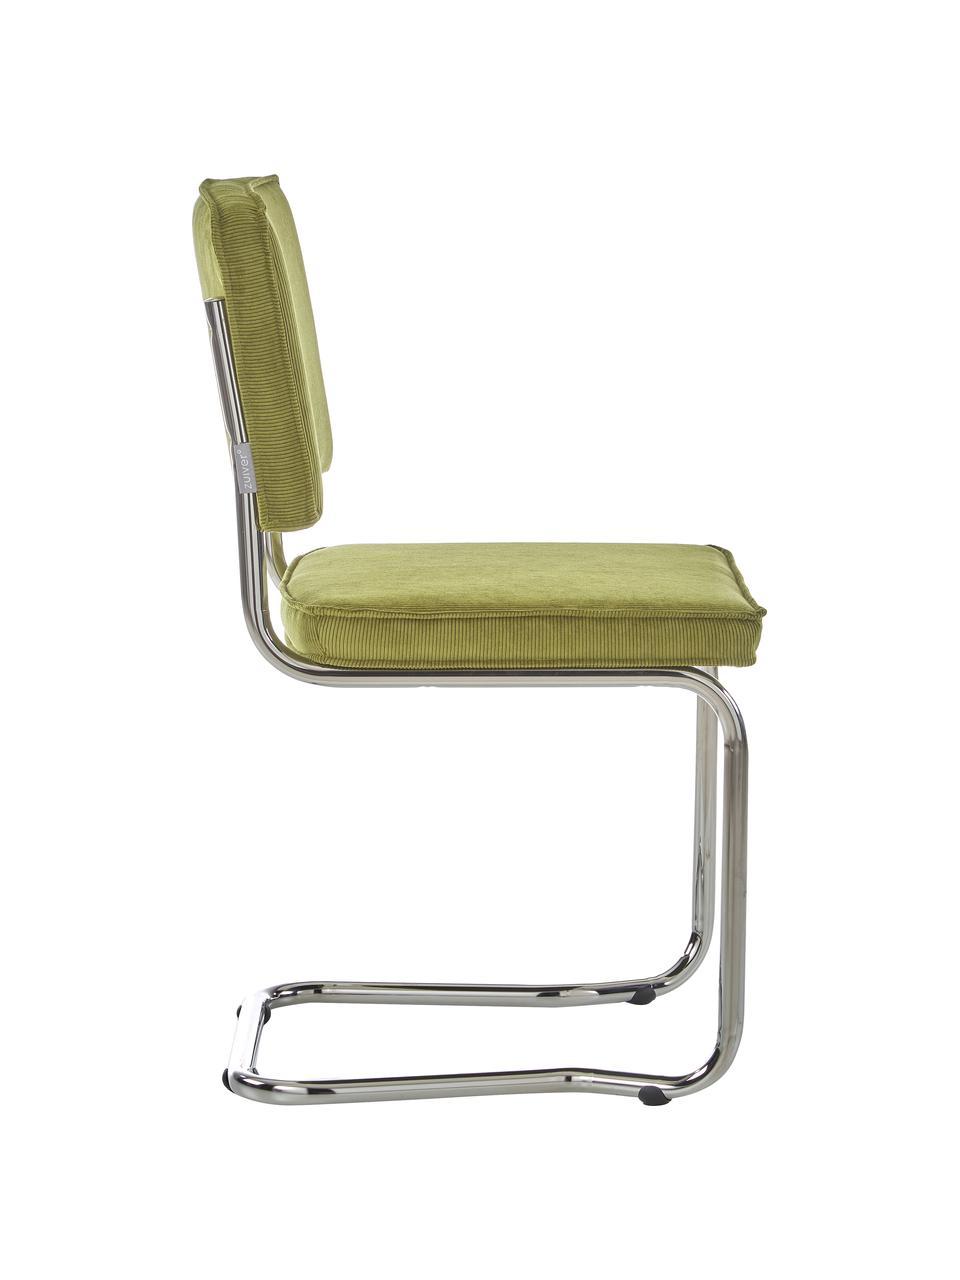 Sedia cantilever in velluto a coste color oliva Kink, Rivestimento: 88% nylon, 12% poliestere, Struttura: metallo cromato, Verde, Larg. 48 x Prof. 48 cm